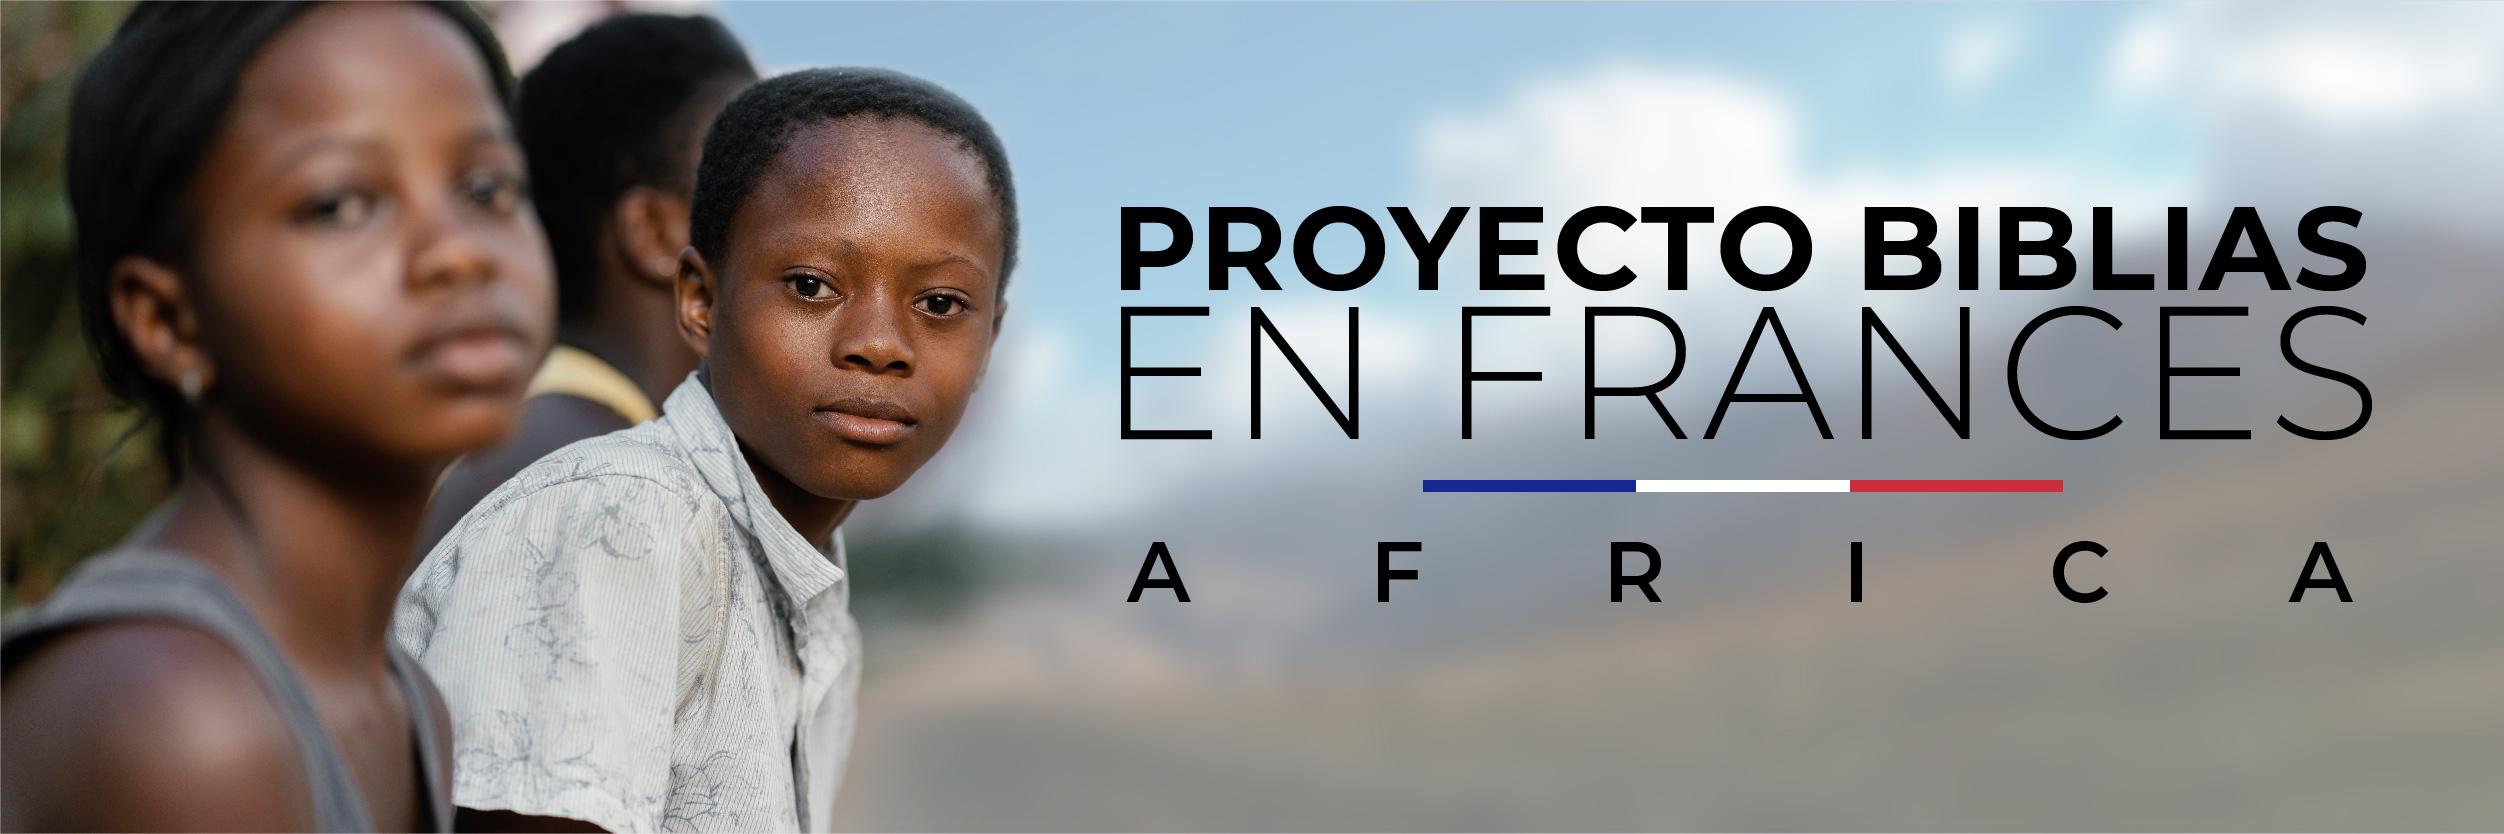 1 Proyecto Biblias en Frances